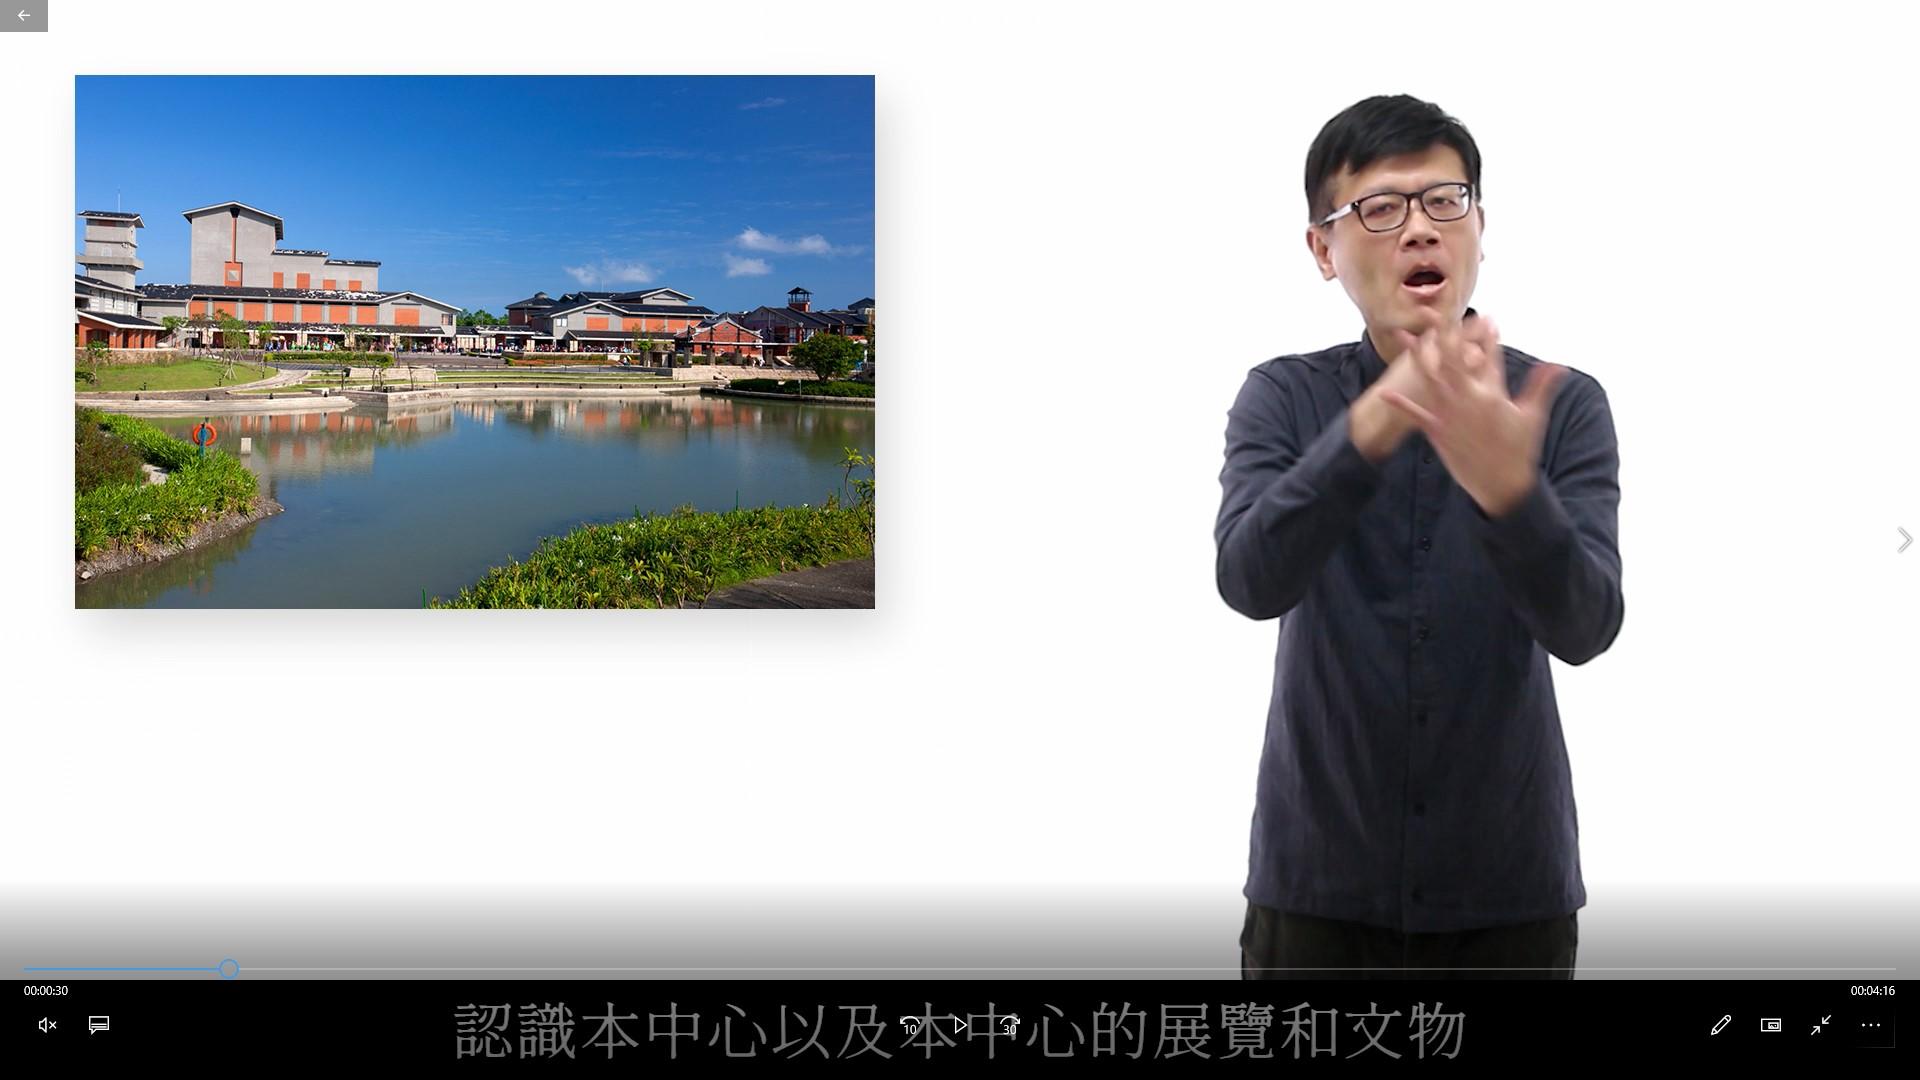 「憨子弟.瘋亂彈 臺灣北管藝術大展」手語導覽影片-01歡迎詞與展覽介紹